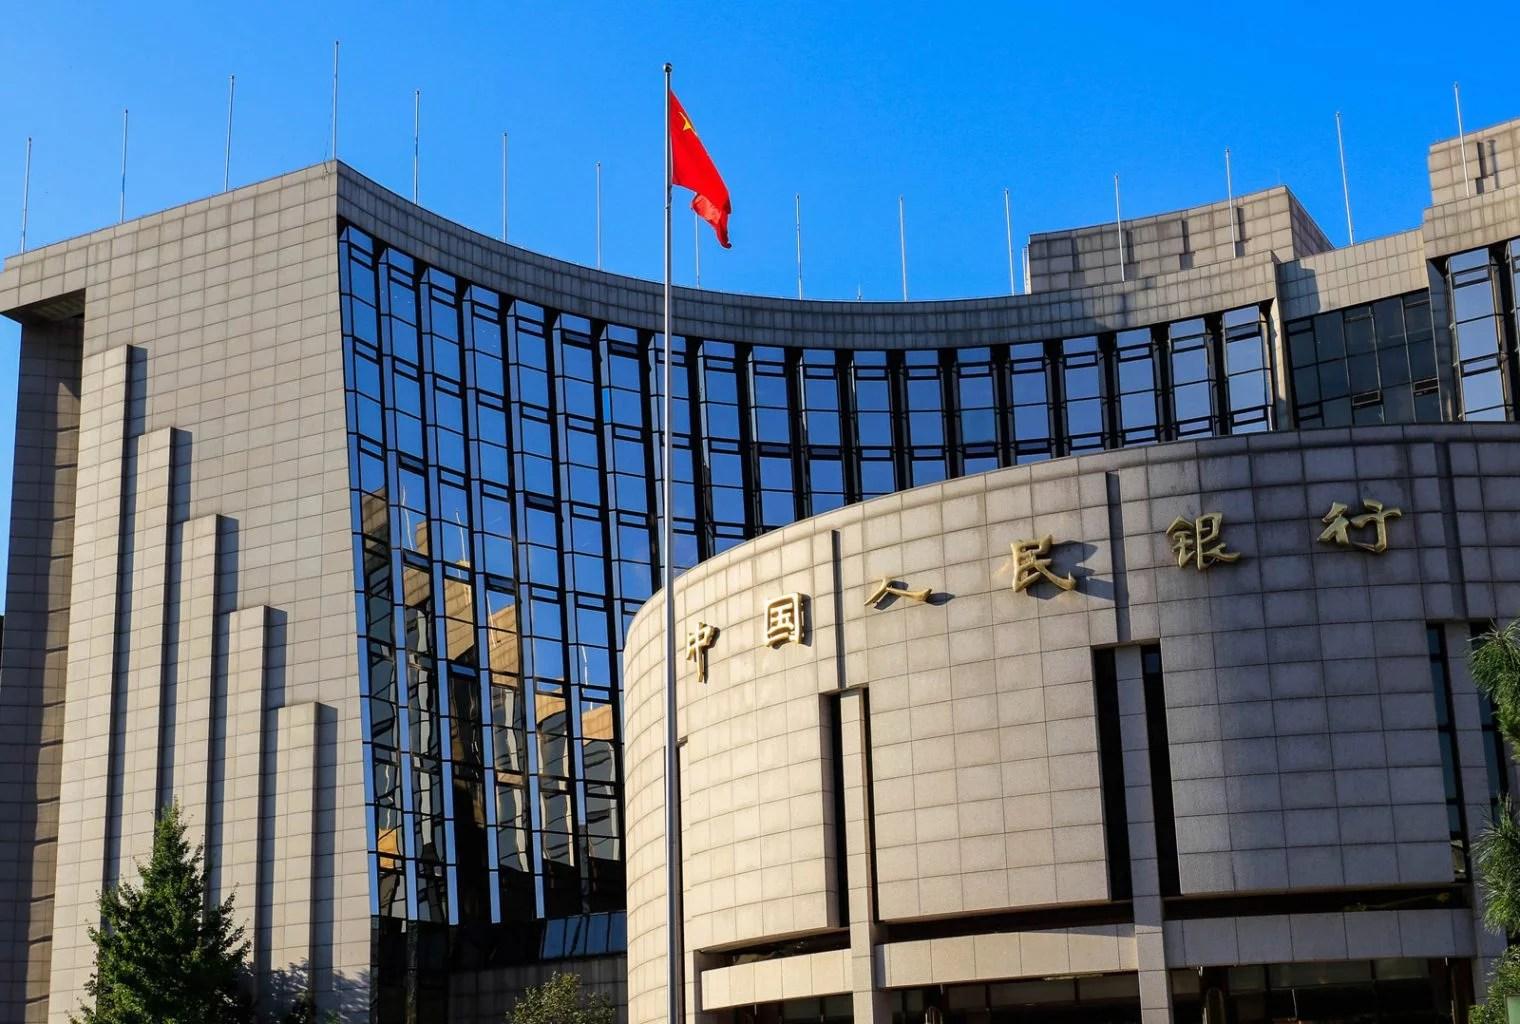 Las pruebas de la moneda digital de China entrarán en acción para varias ciudades del gigante asiático